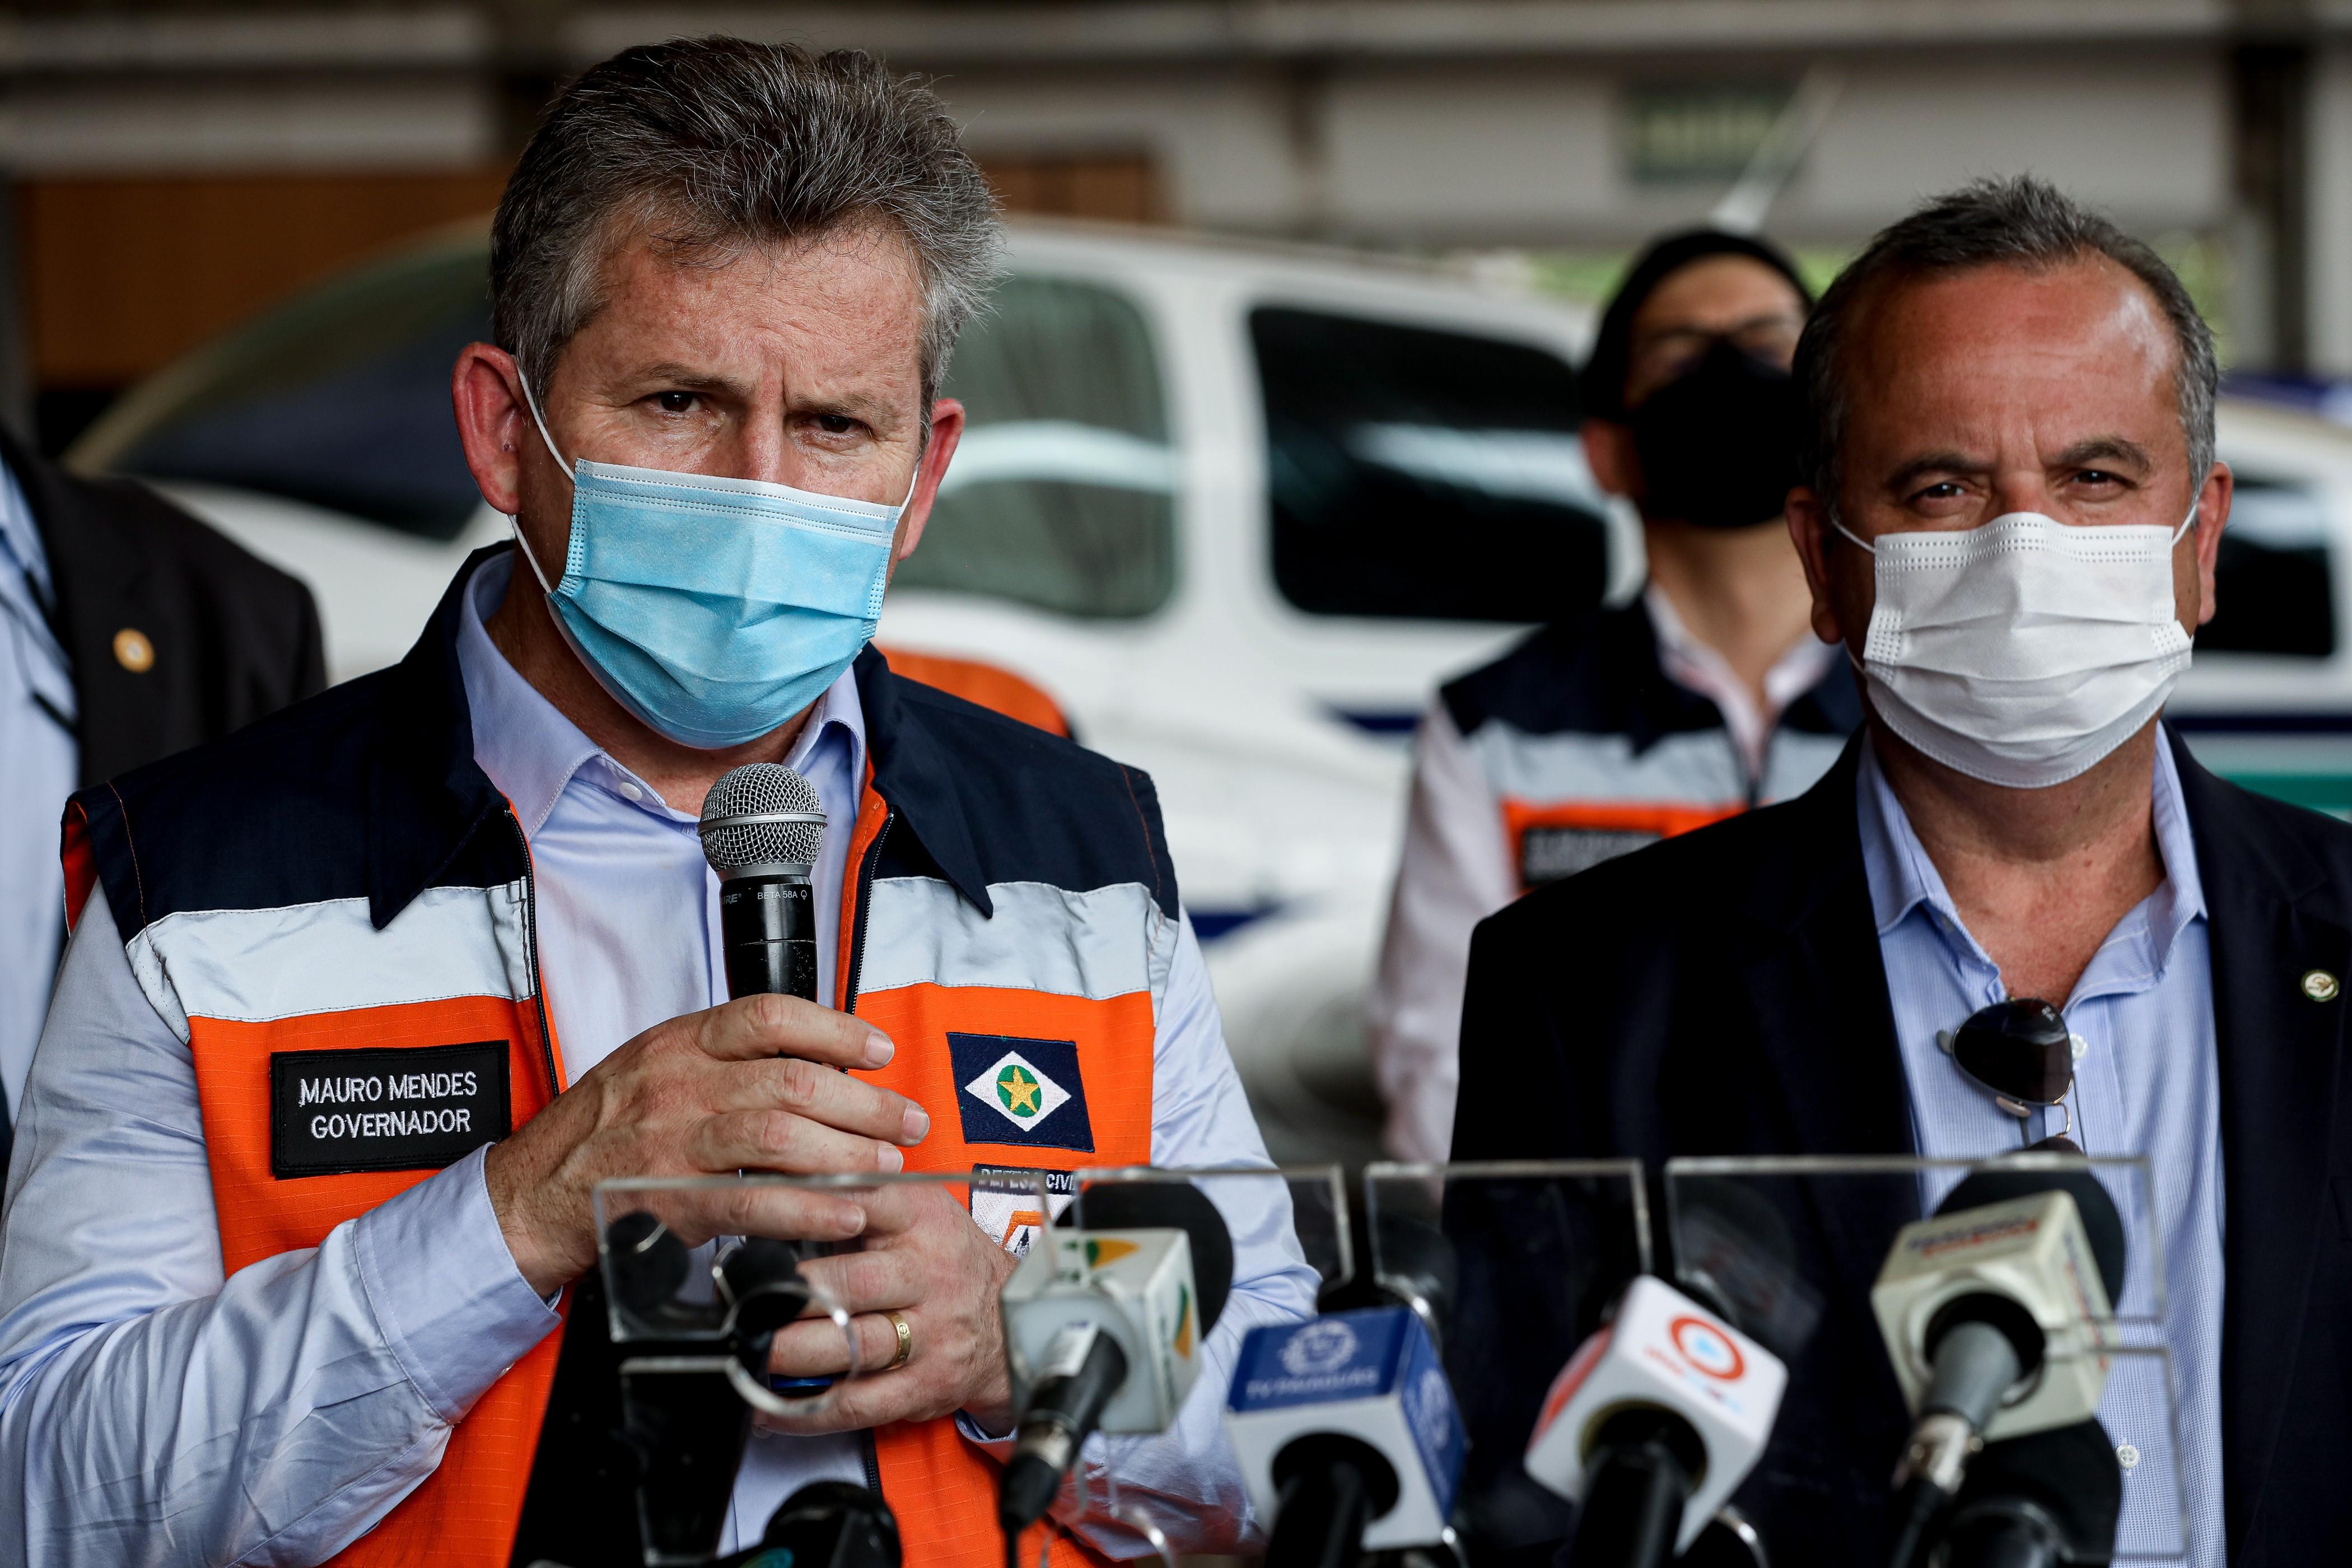 Governador de MT pede ao governo federal liberação de militares da Força Nacional para atuar no combate aos incêndios florestais